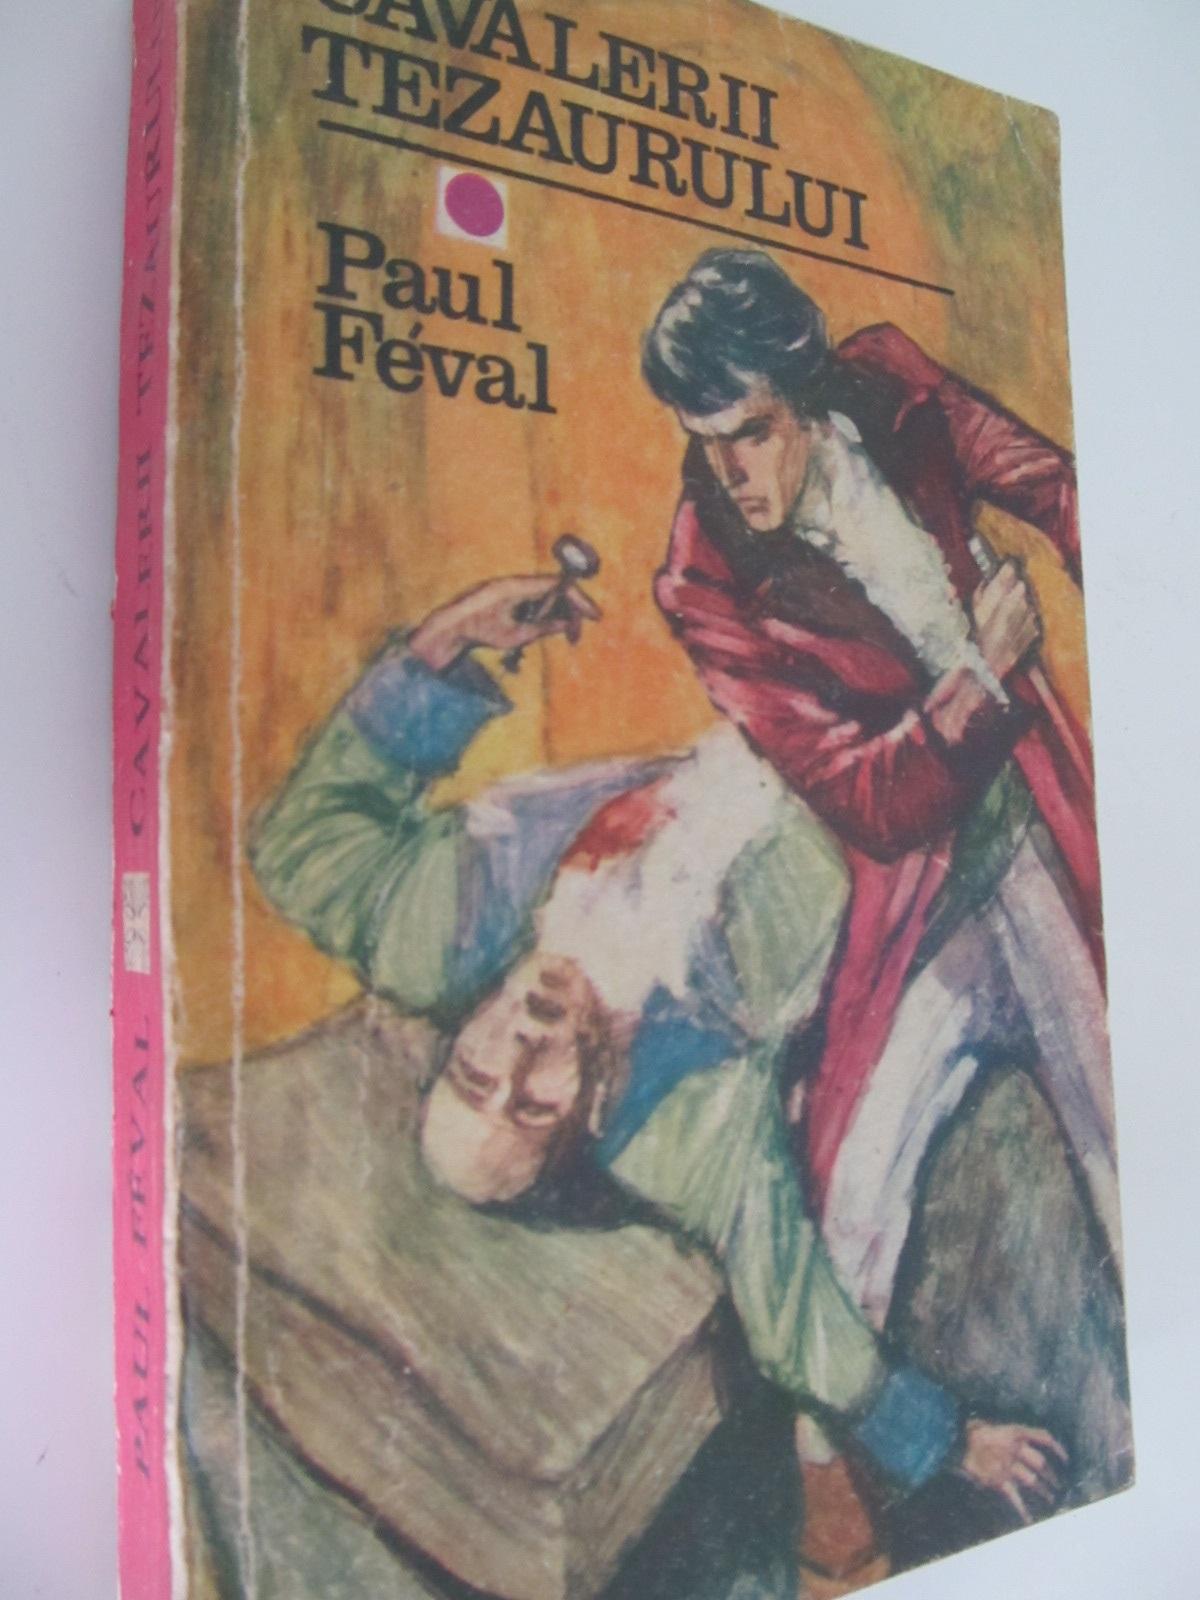 Cavalerii tezaurului - Paul Feval | Detalii carte